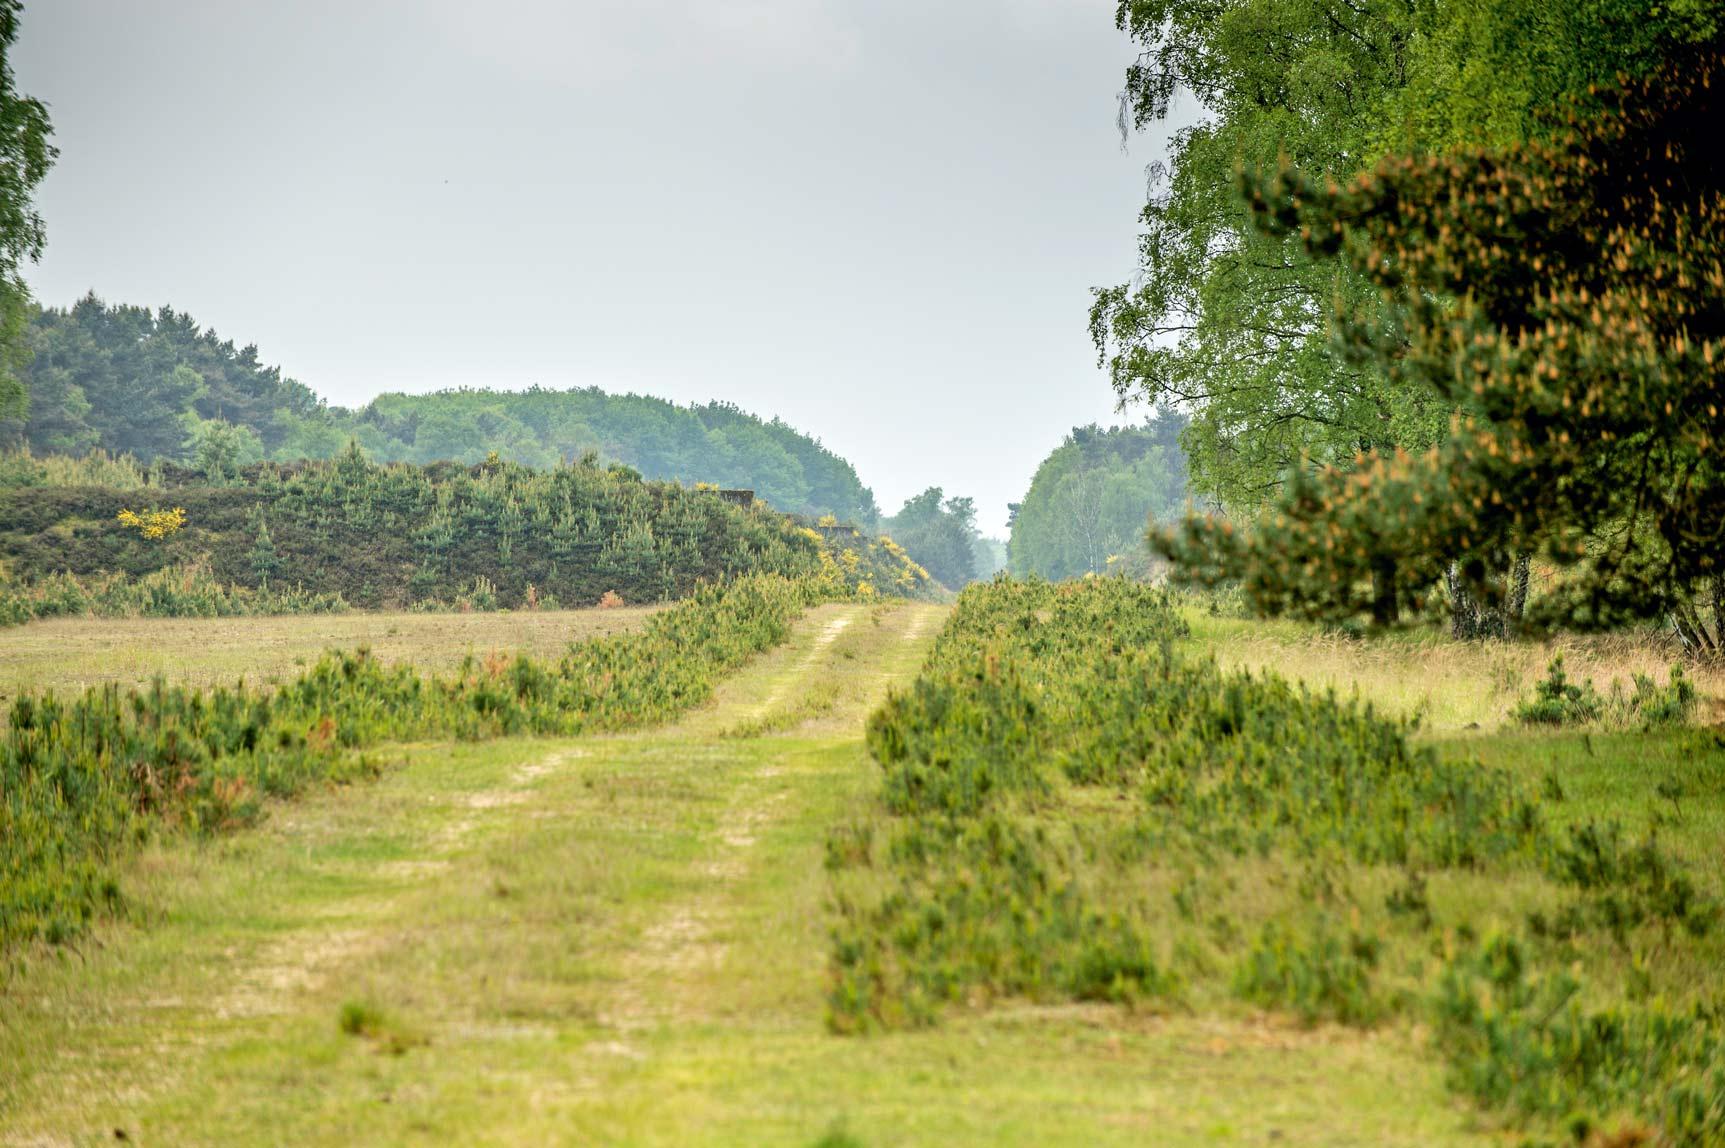 Das Naturschutzgebiet Brachter Wald nordöstlich von Brüggen besticht durch seine Artenvielfalt © Naturpark Maas-Schwalm-Nette, Marcel Hectors